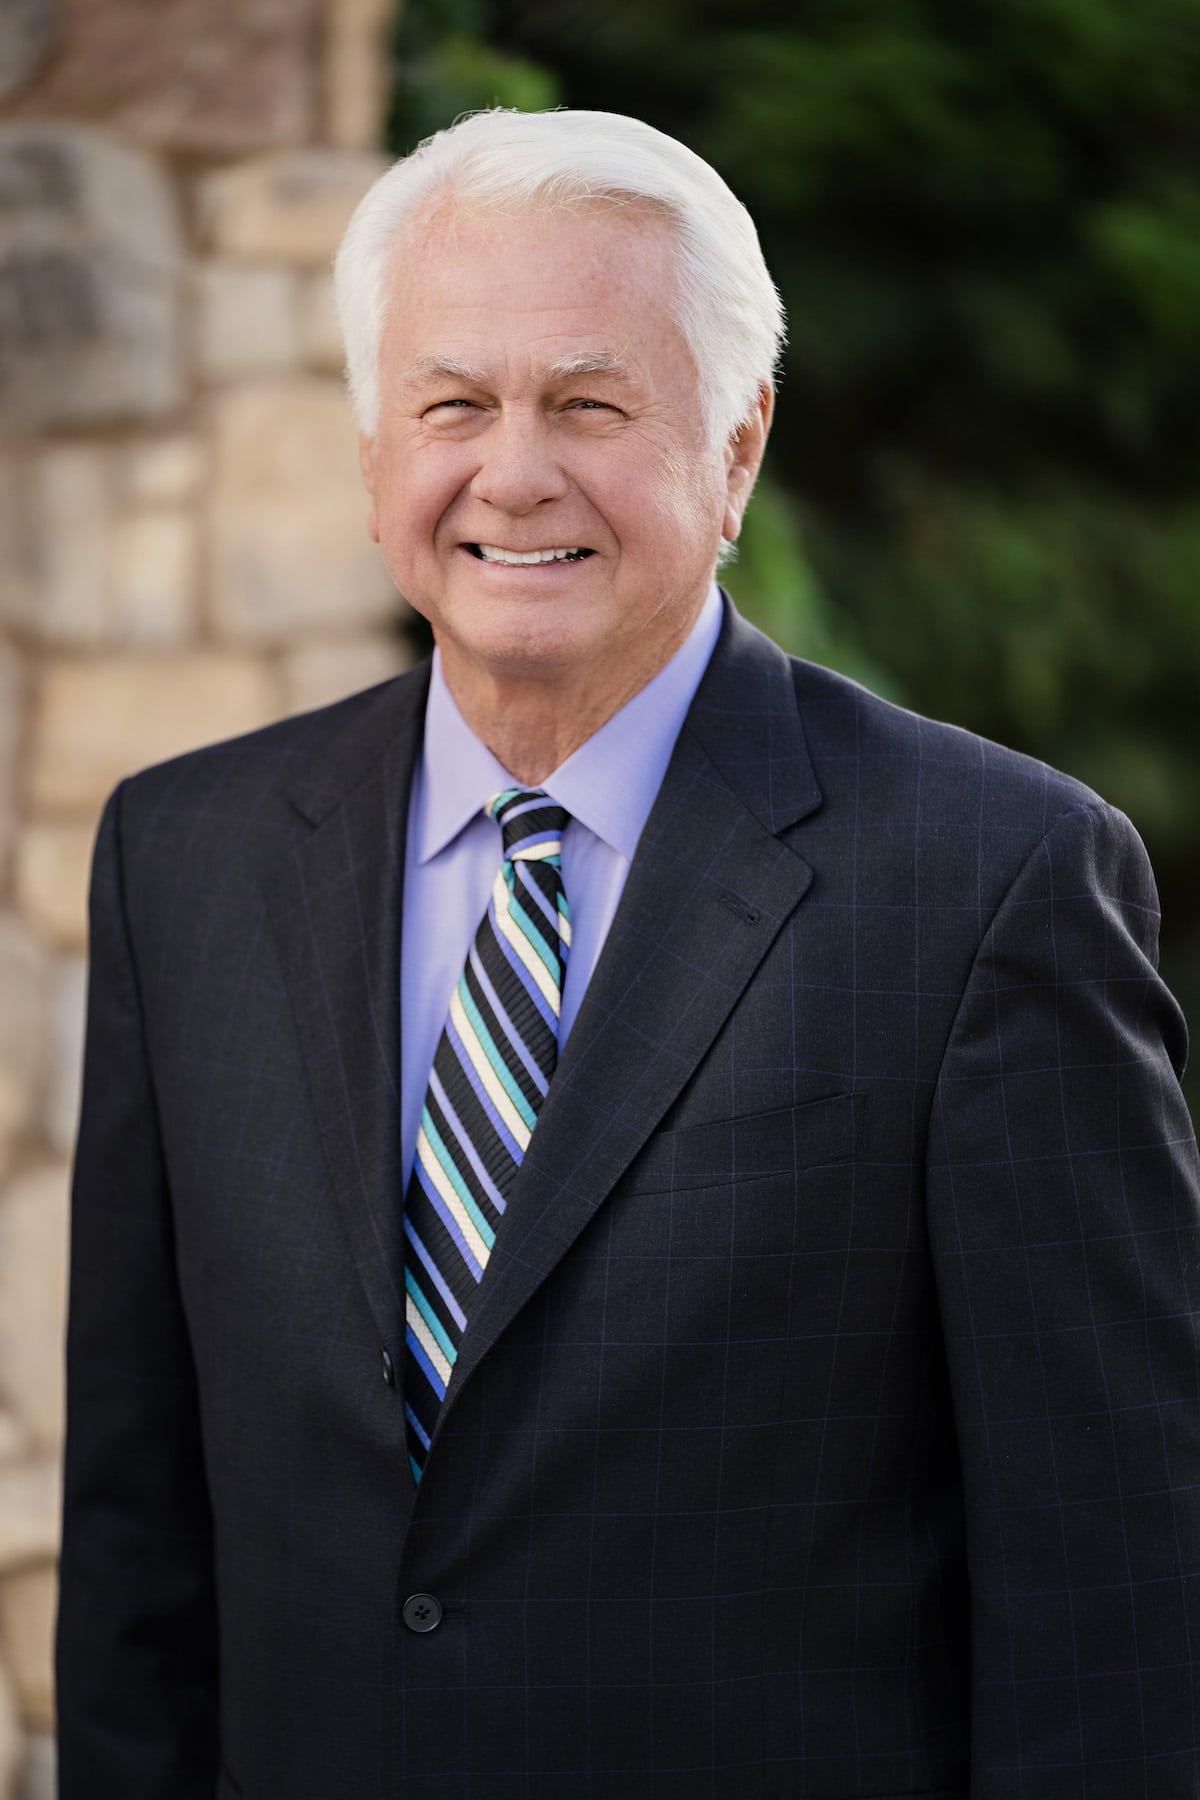 Stephen R. Cornwell